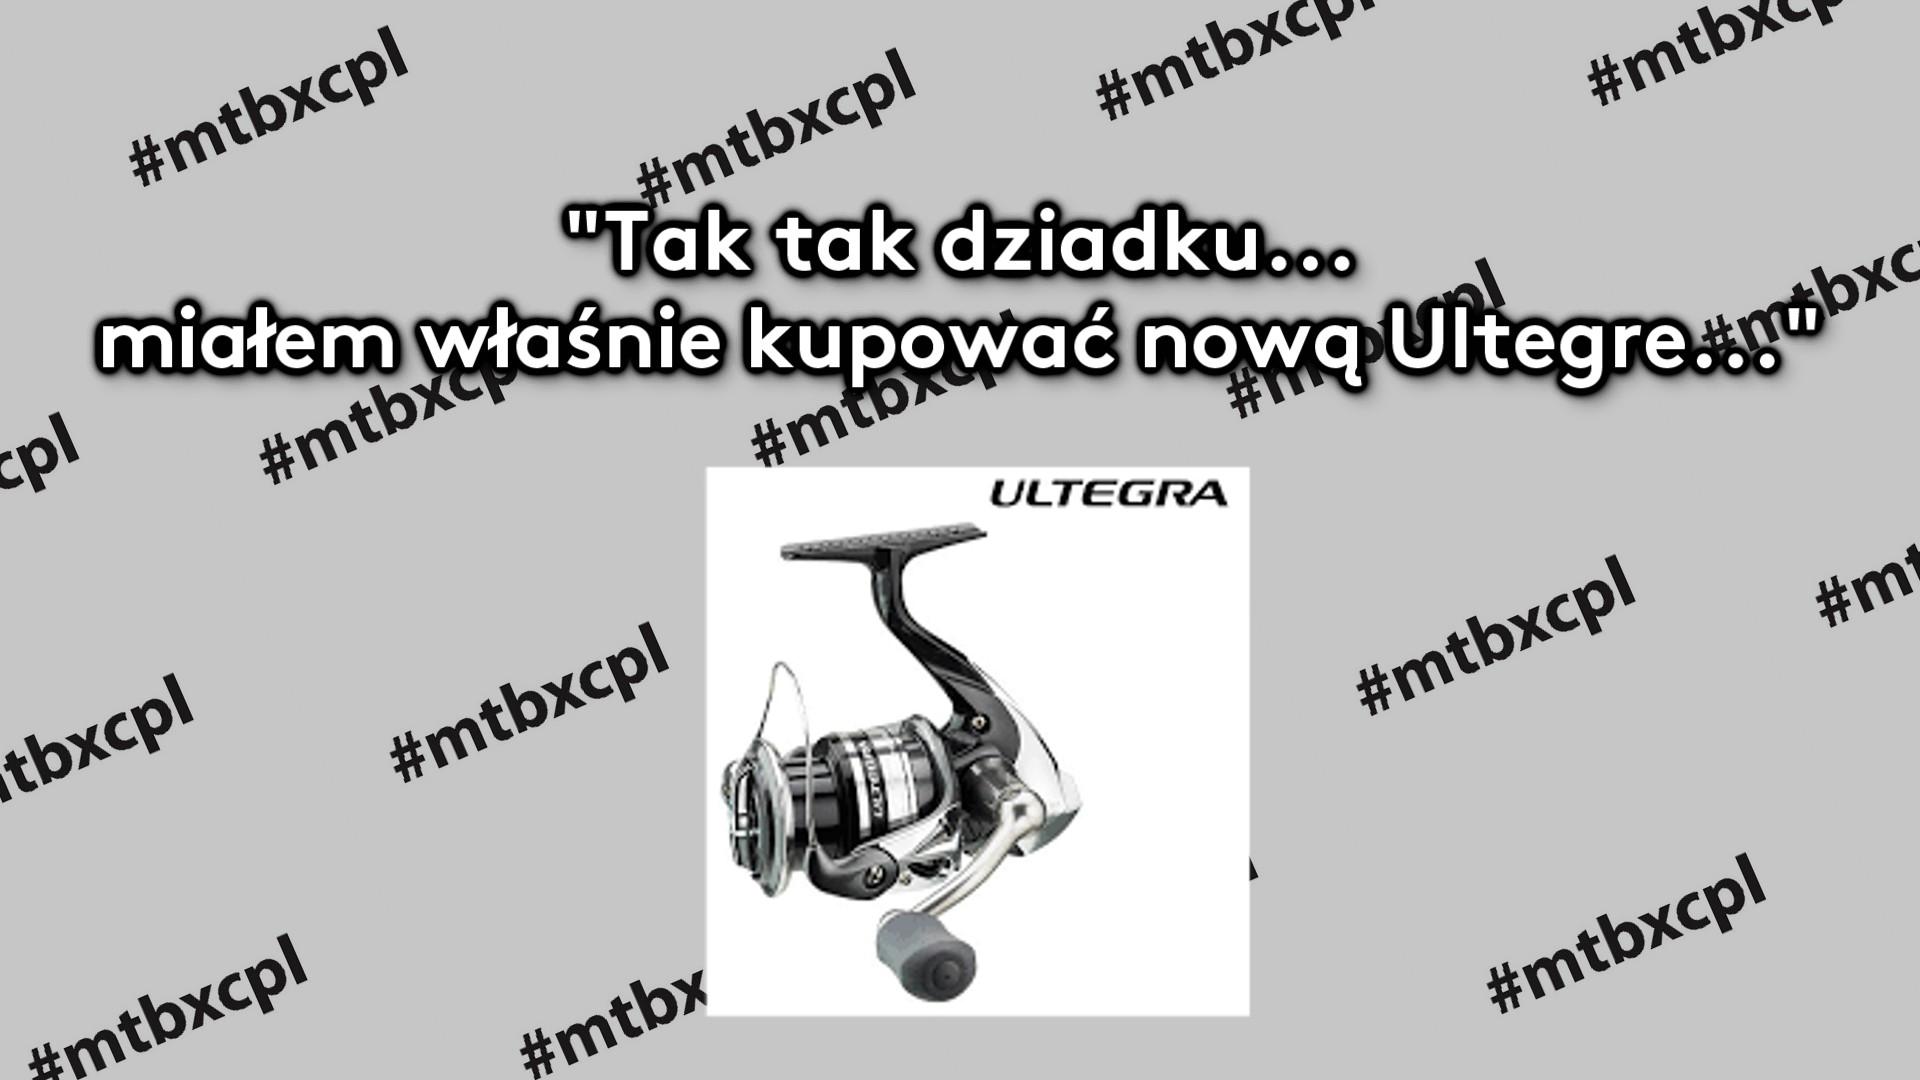 tekst mtbxcpl_000002